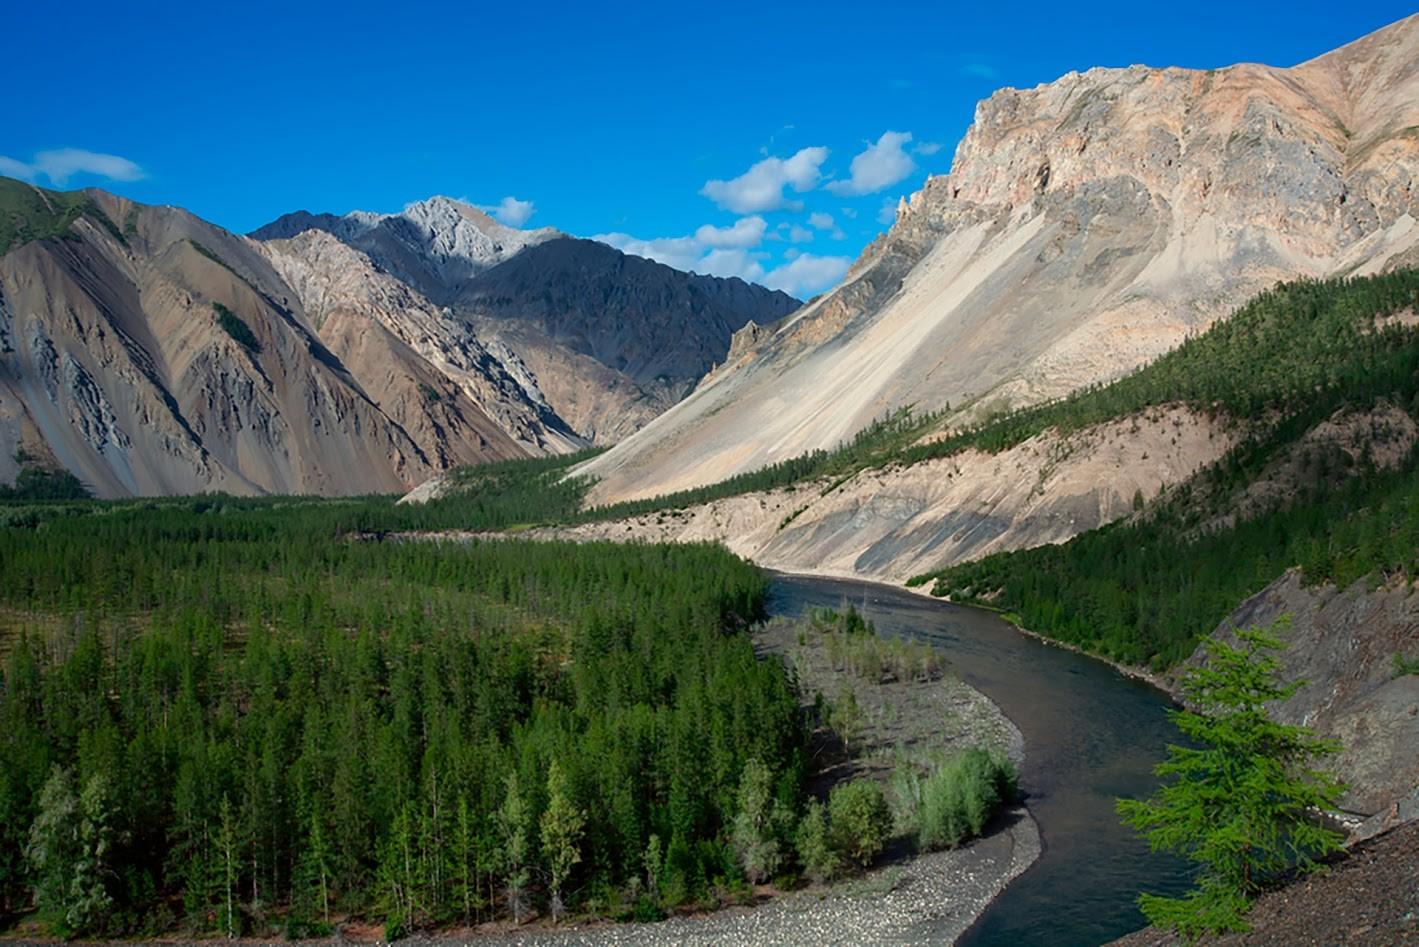 Čudovita gorska reka in tajga. Reka Omuljovka, Magadan.